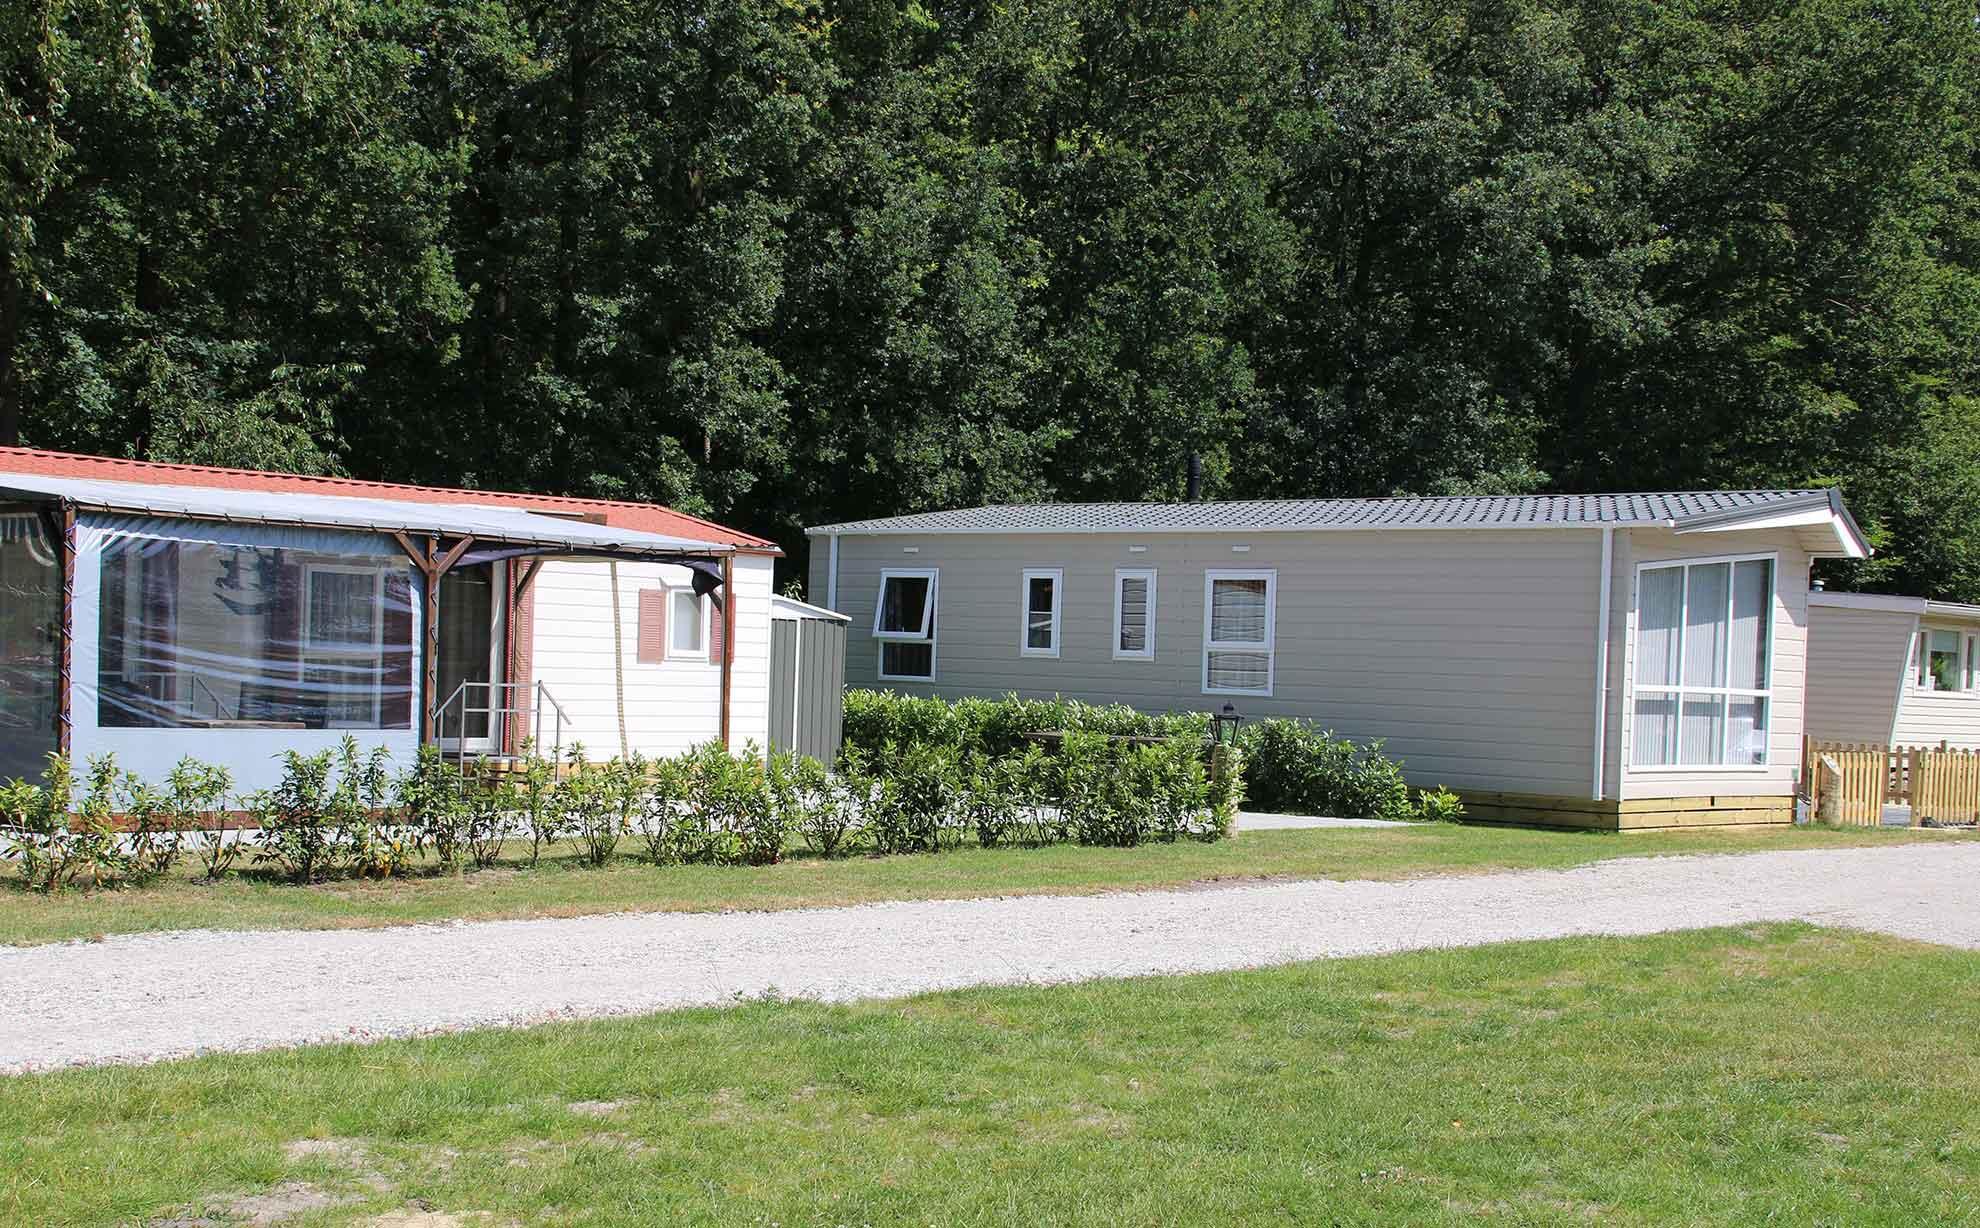 Stellplätze für Dauercamper mit Mobilheim oder Wohnwagen - Ein Dauercamper